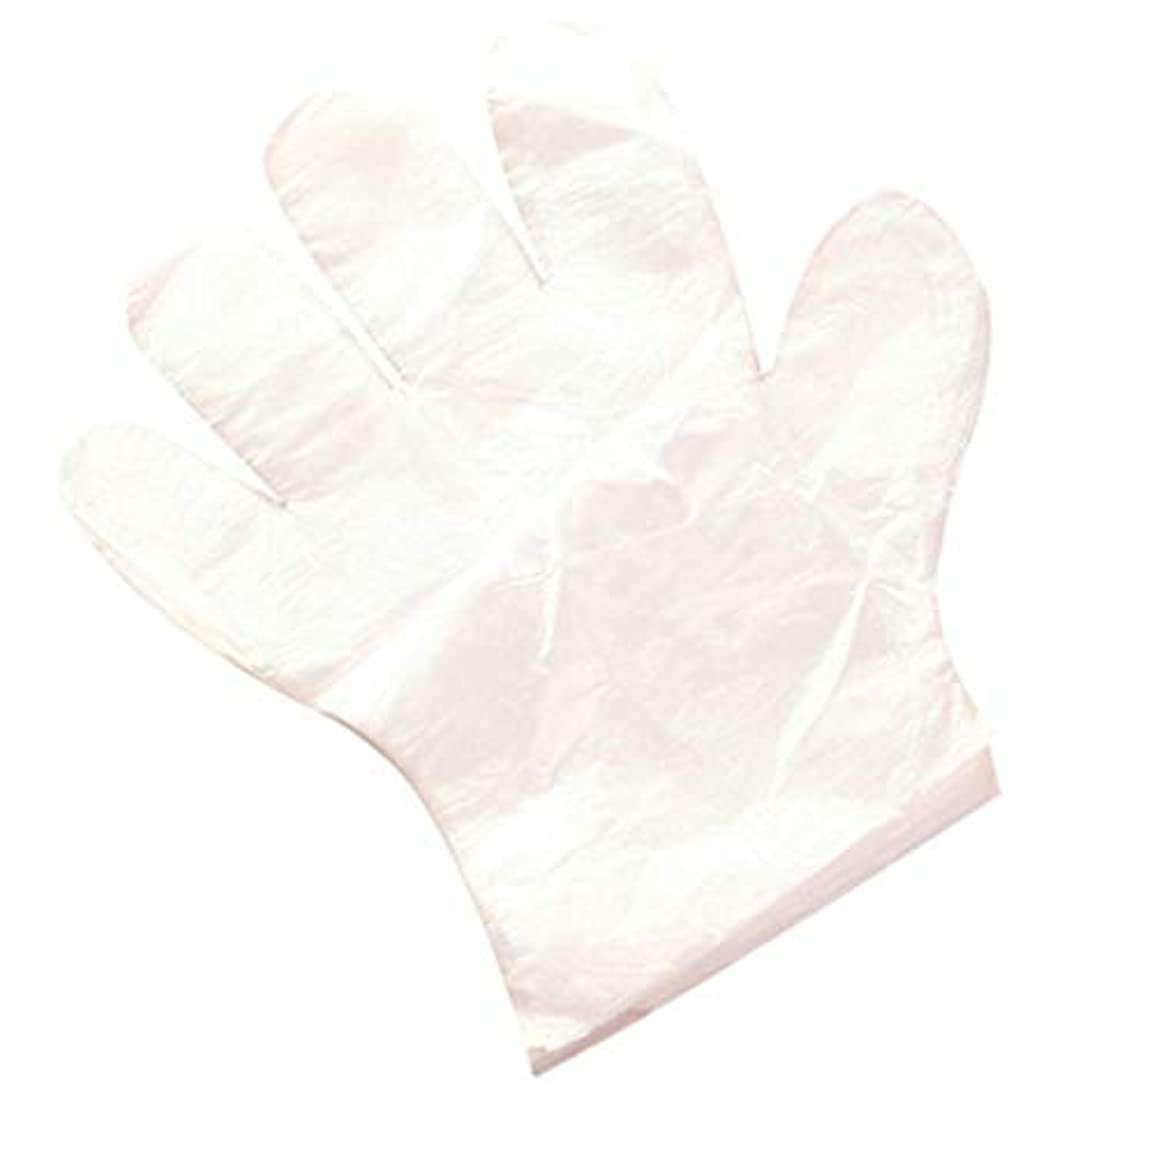 コース警報眉家庭用家庭の清掃および衛生用使い捨て手袋を食べる使い捨て手袋 (UnitCount : 500only)